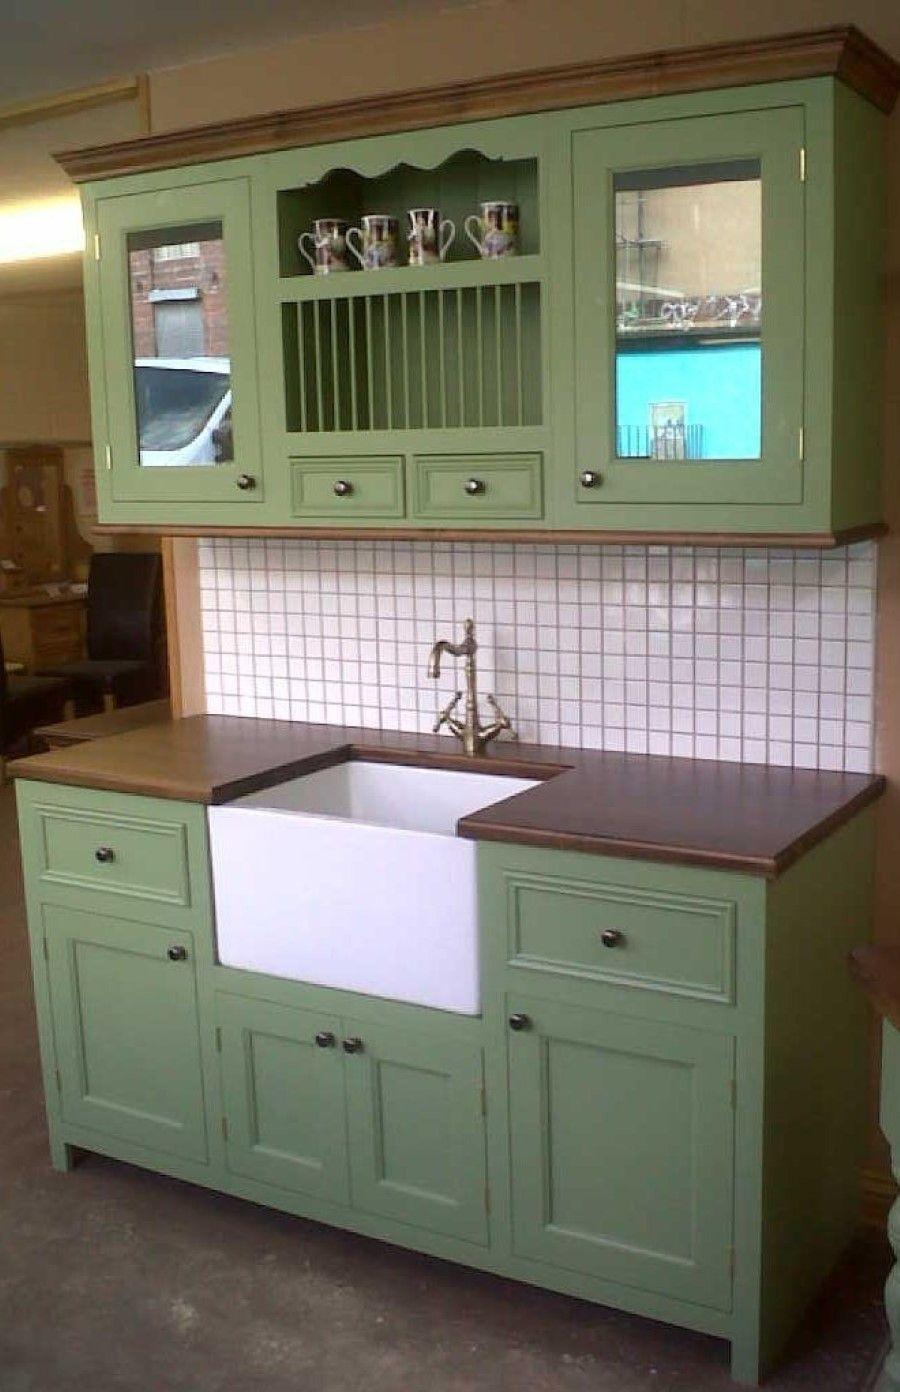 Frei Stehende Küchenschränke Frei Stehende